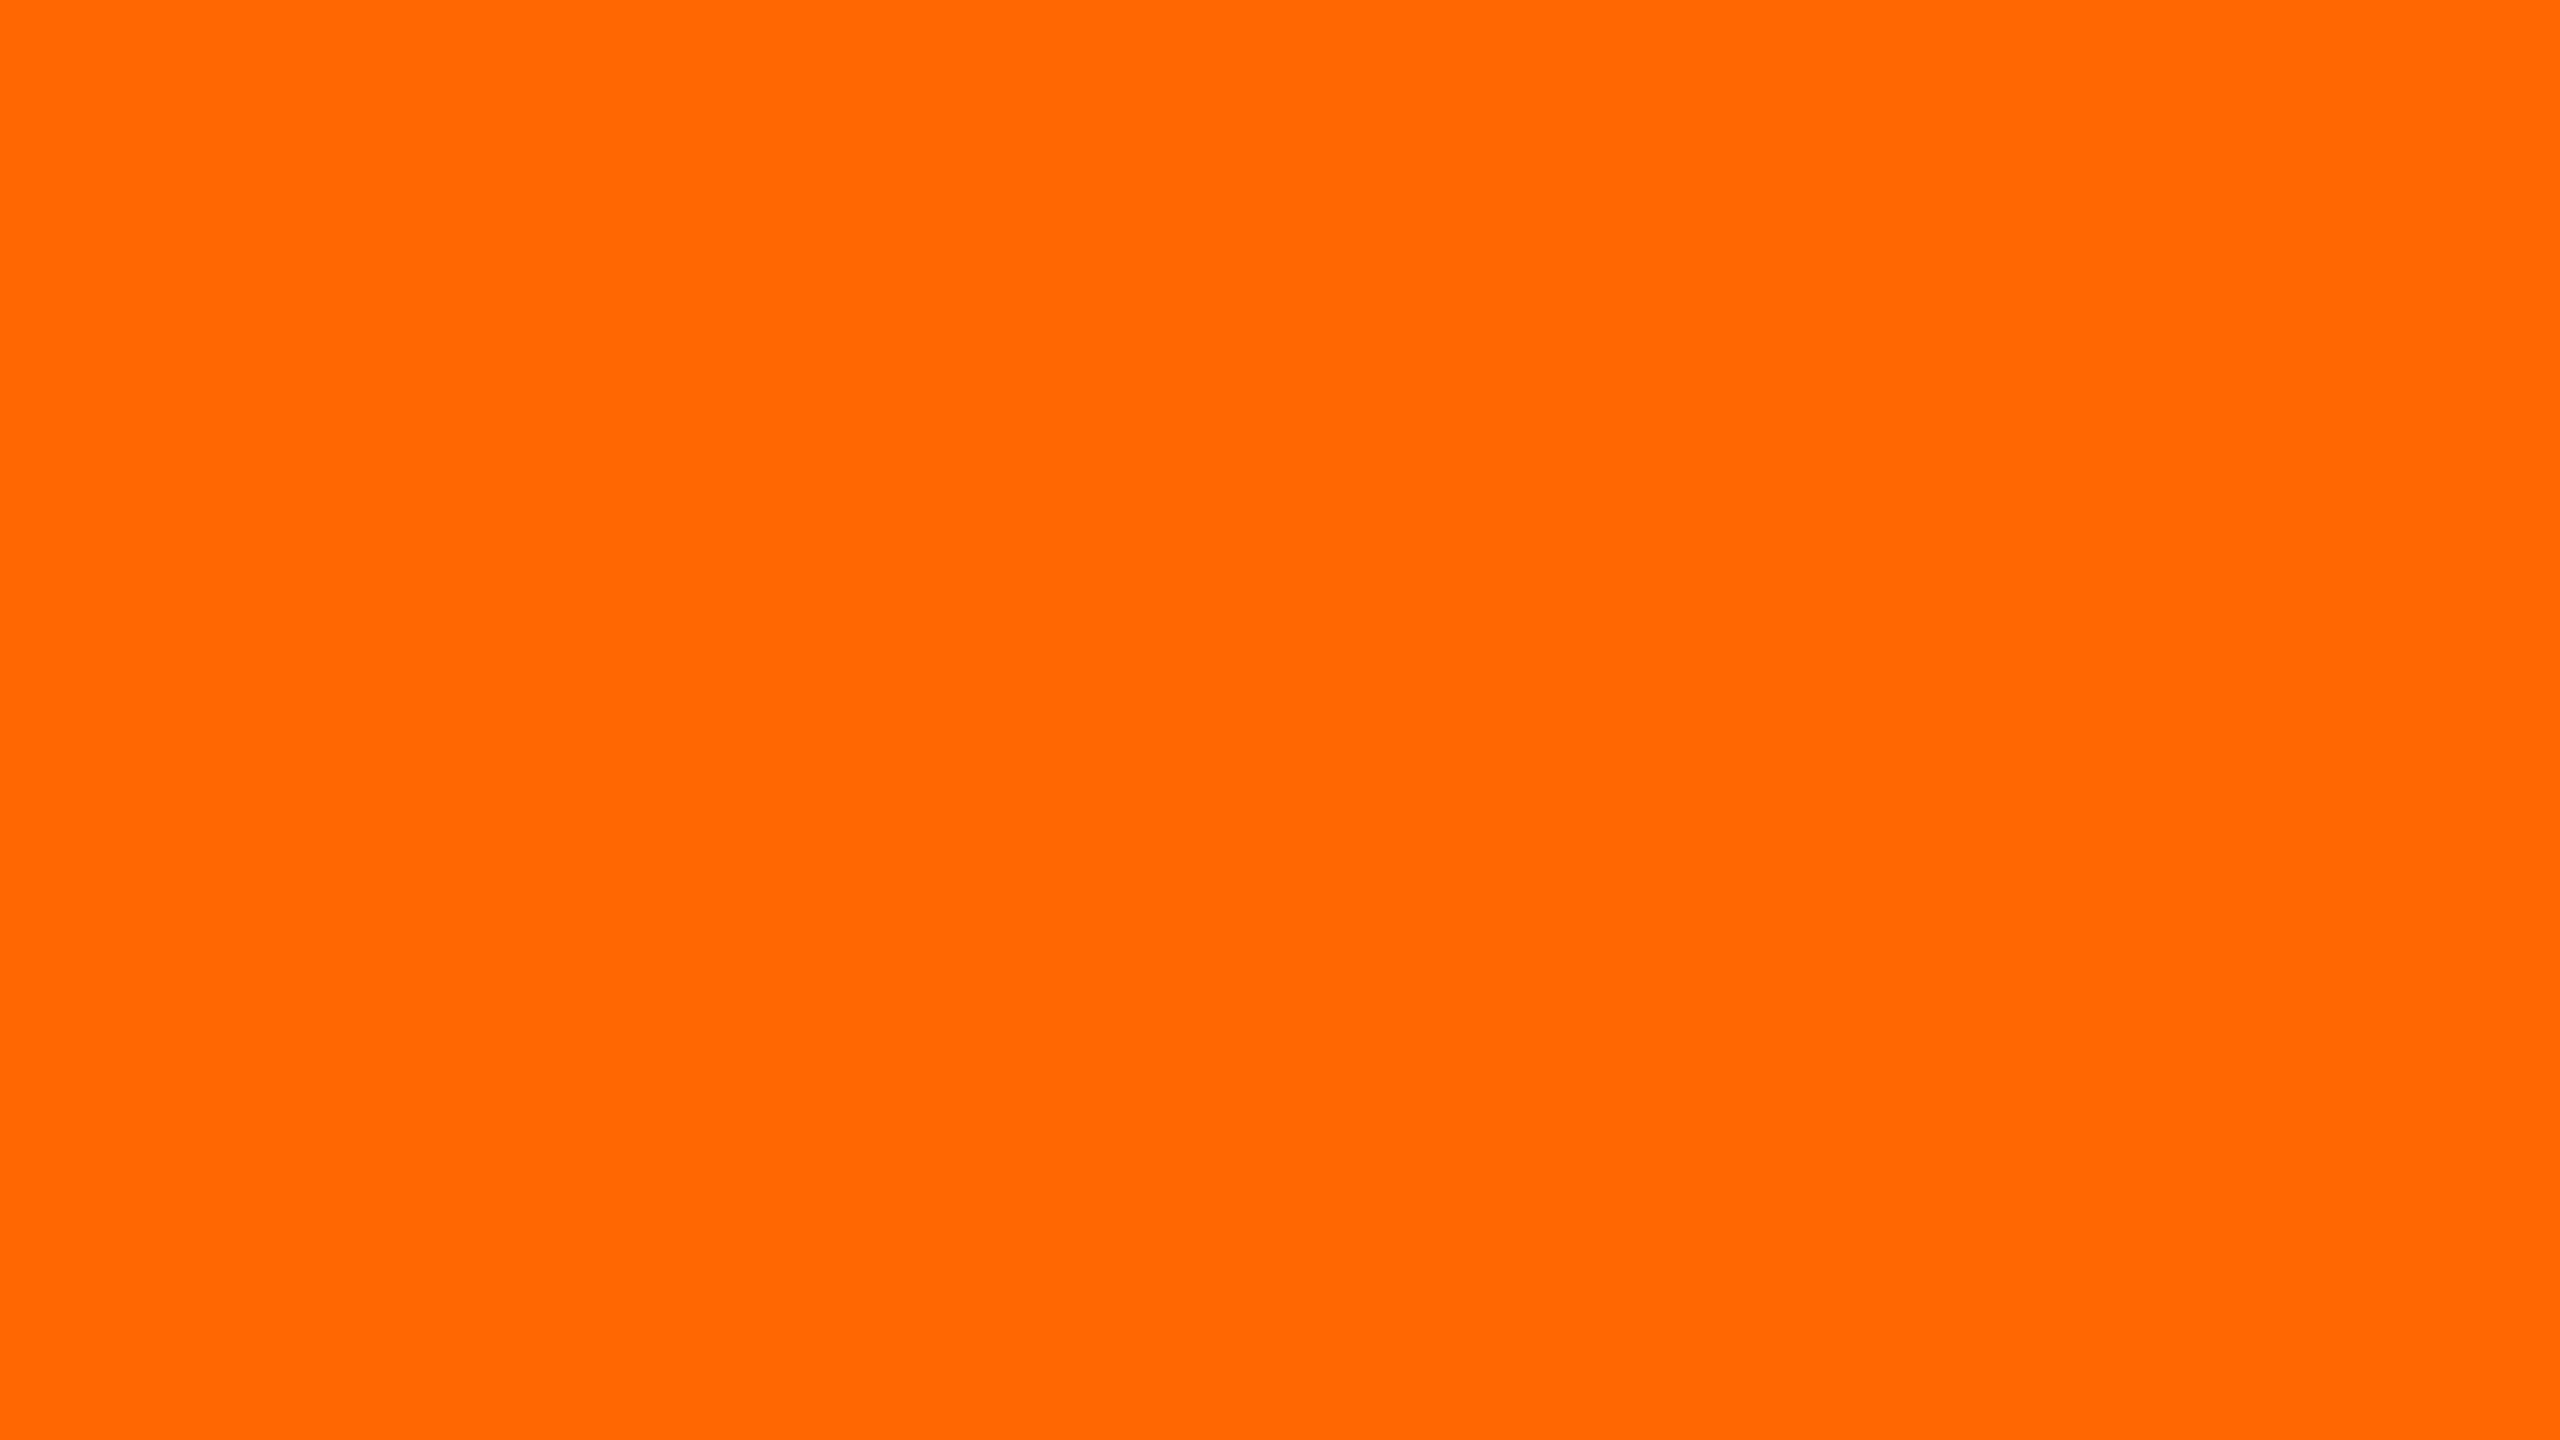 2560x1440 Safety Orange Blaze Orange Solid Color Background